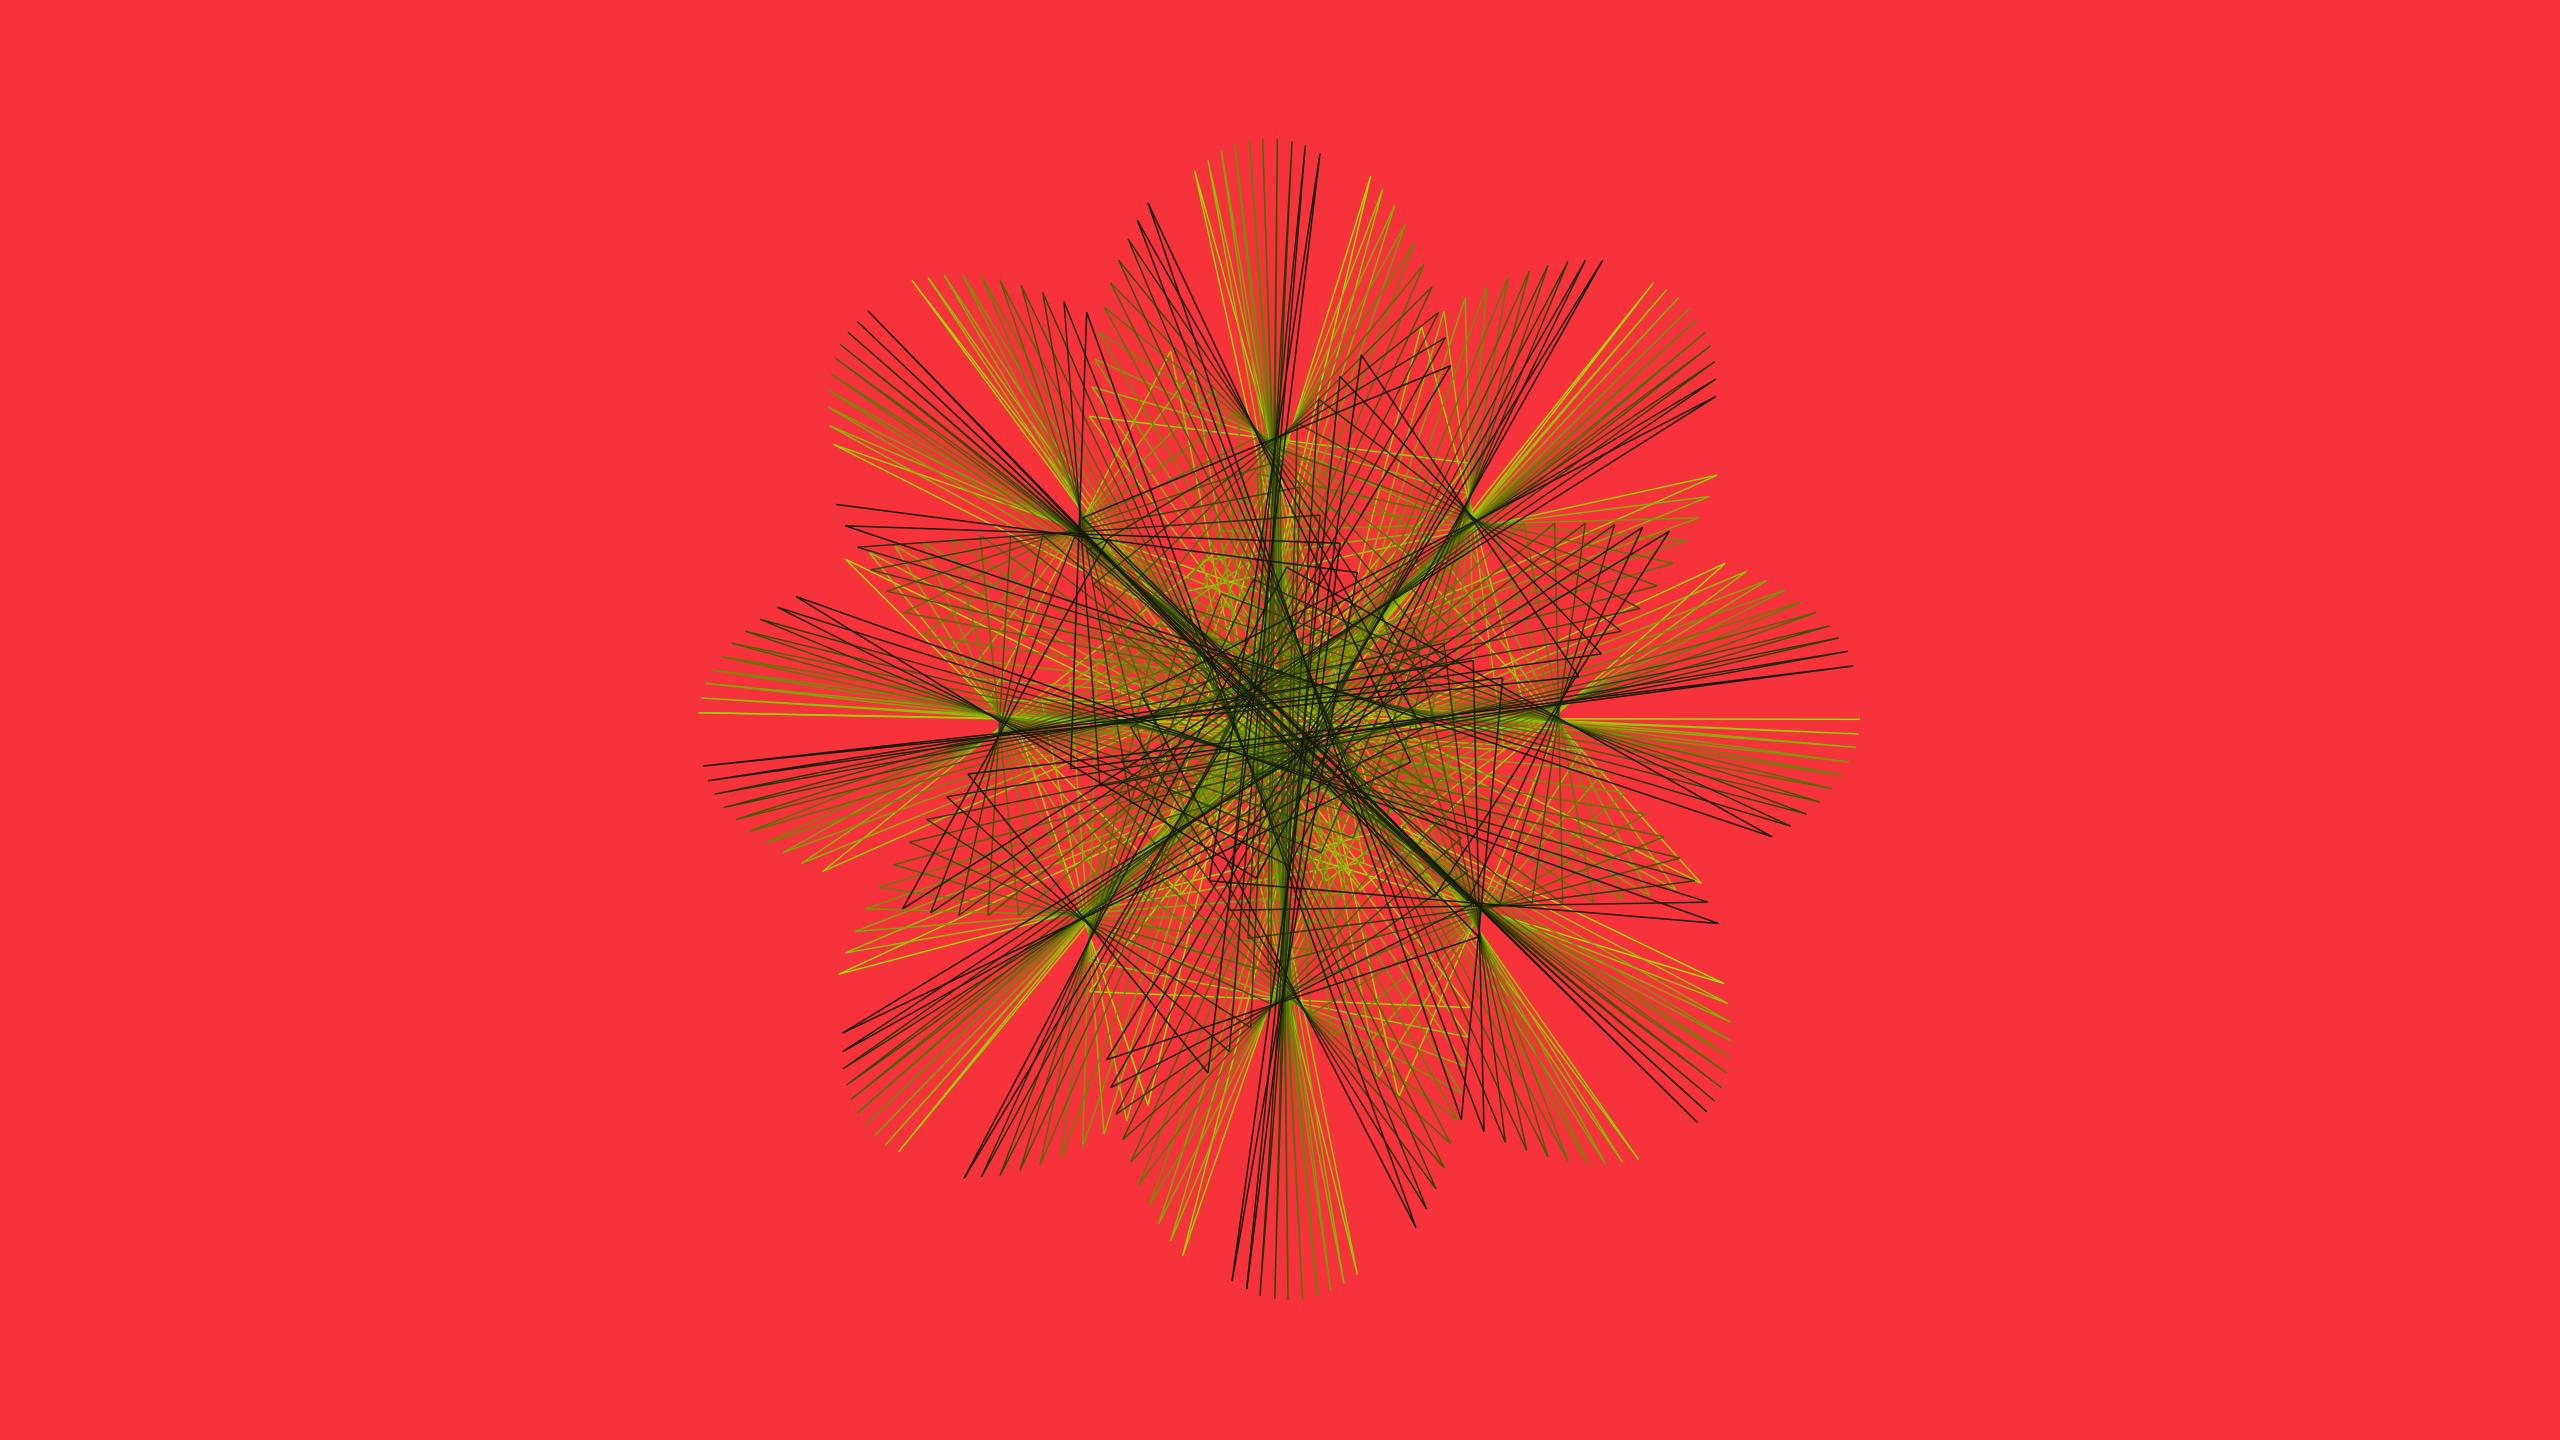 Artistic Digital Art Fractal Orange Color 2560x1440